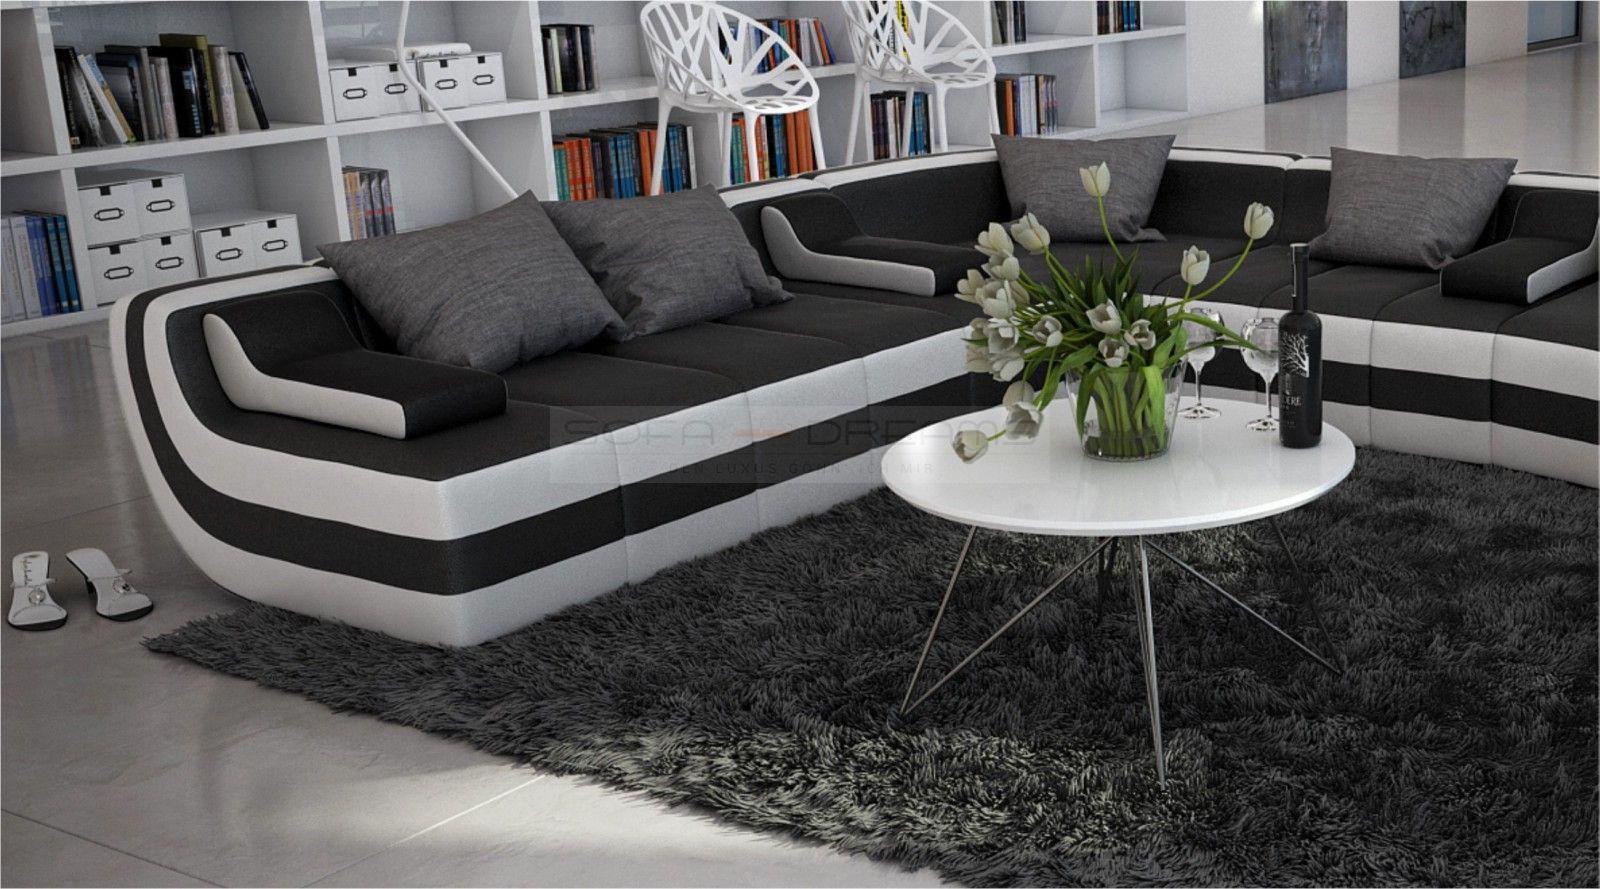 rundsofa lounge tissera kaufen bei pmr. Black Bedroom Furniture Sets. Home Design Ideas